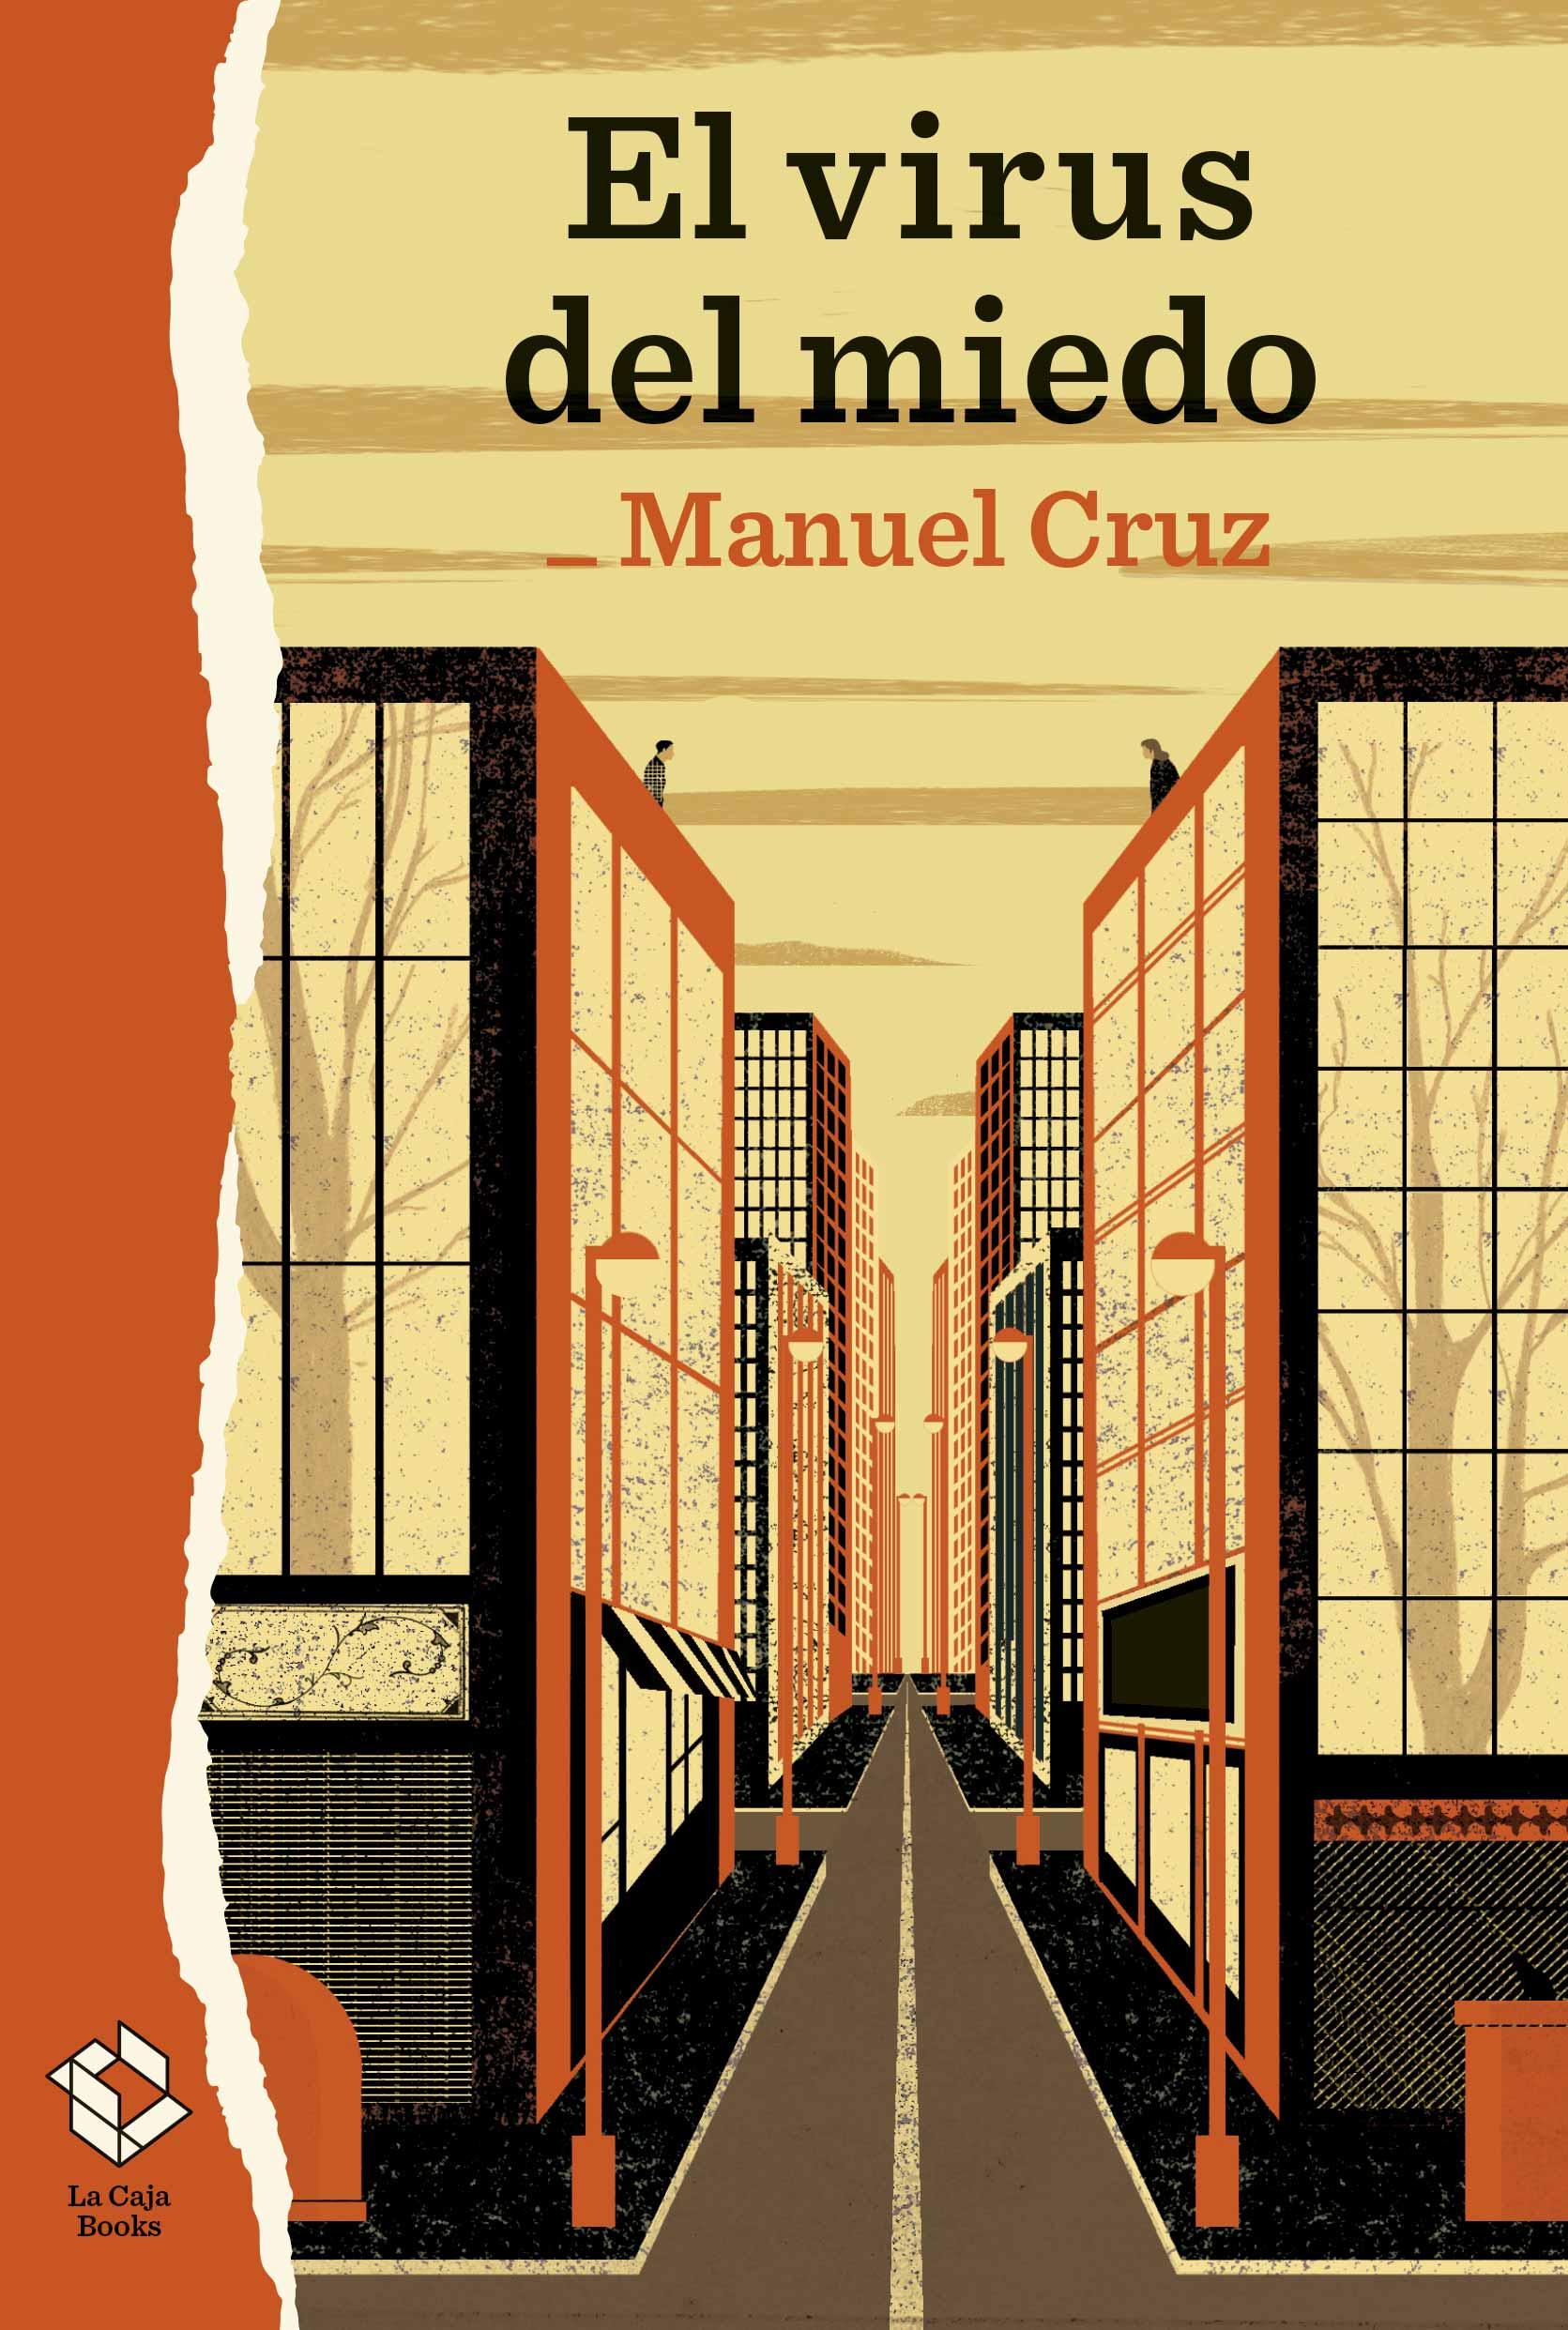 El virus del miedo Manuel Cruz